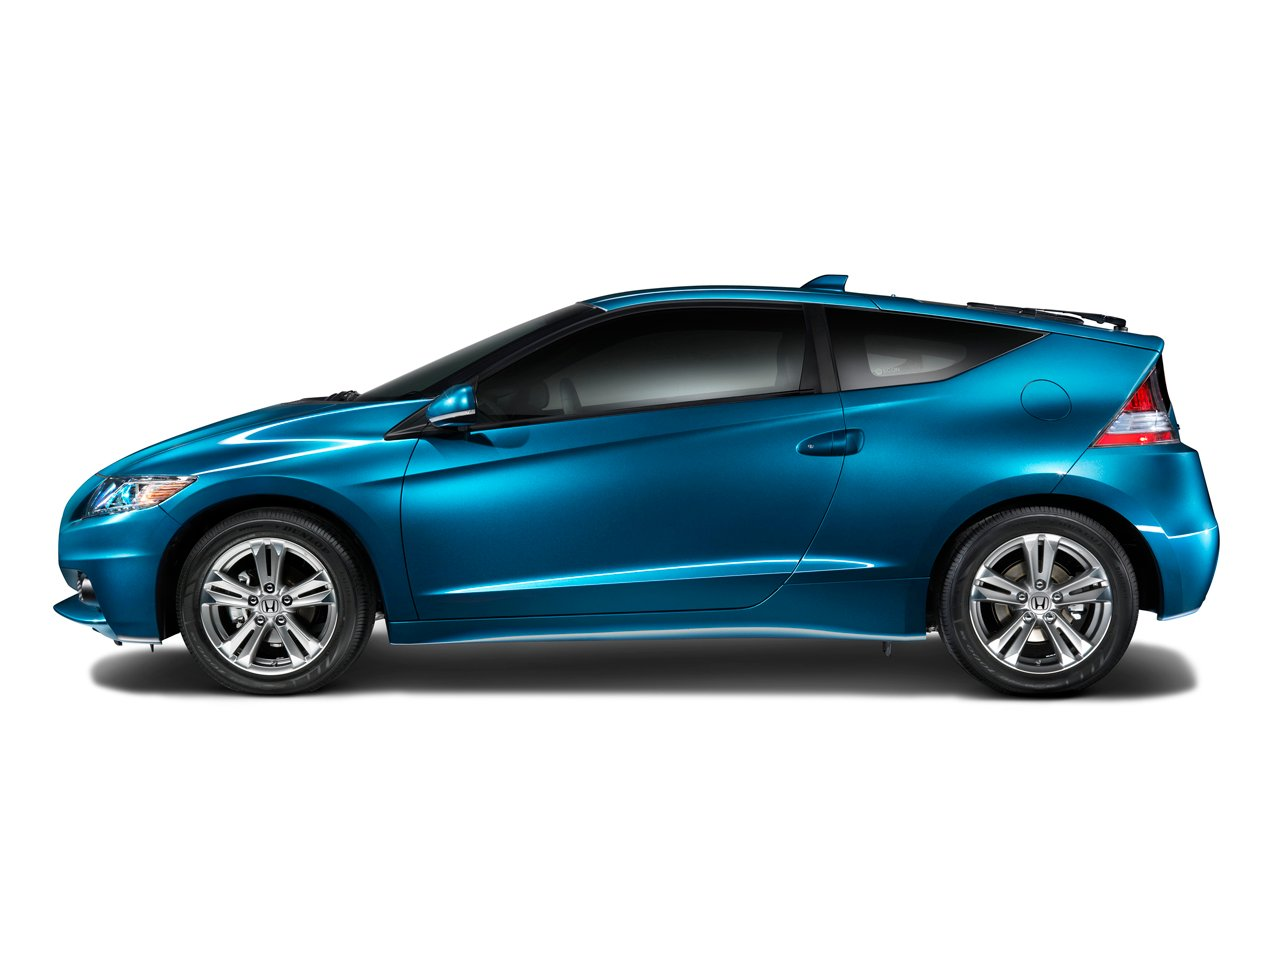 Honda Usb Wallpaper Download Wallpaper DaWallpaperz 1280x960